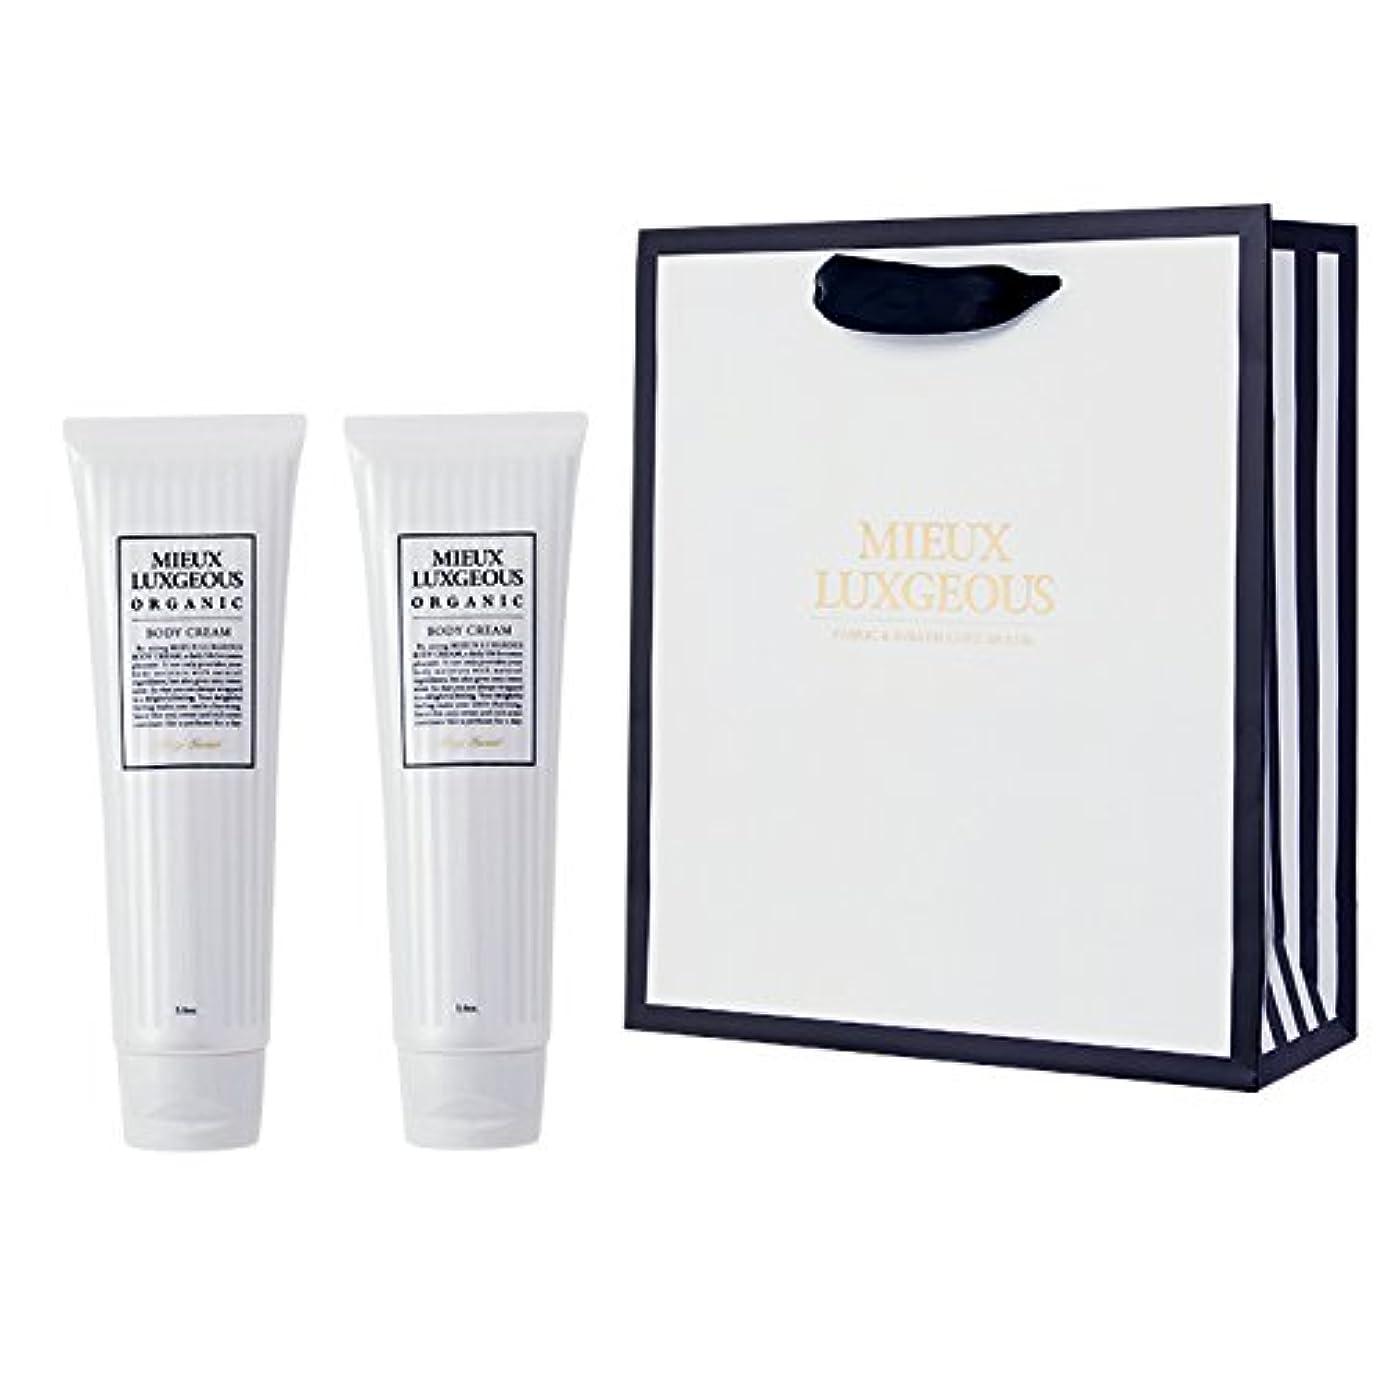 目の前の盆地アマチュアミューラグジャス Body Cream 2本set with Paperbag02